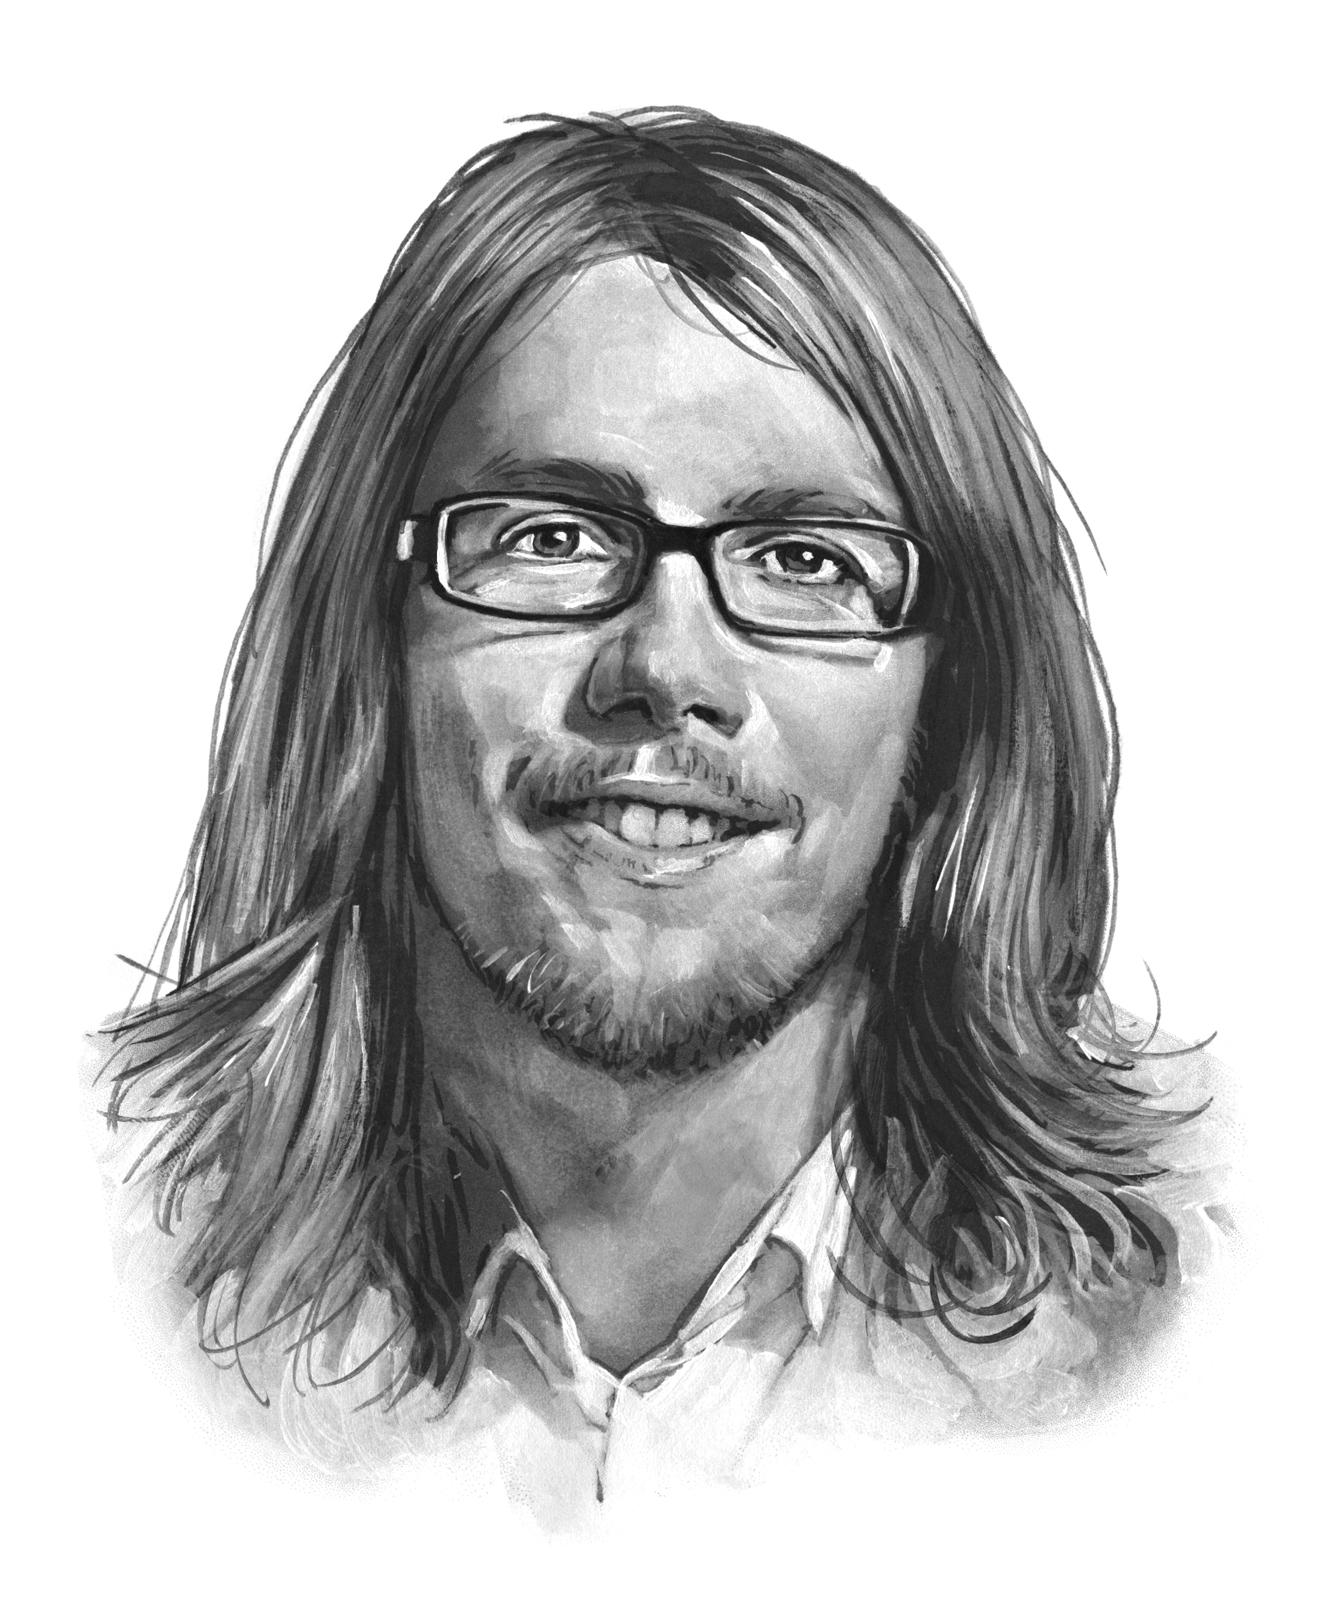 Fredrik Farg portrait by Bernd Schifferdecker